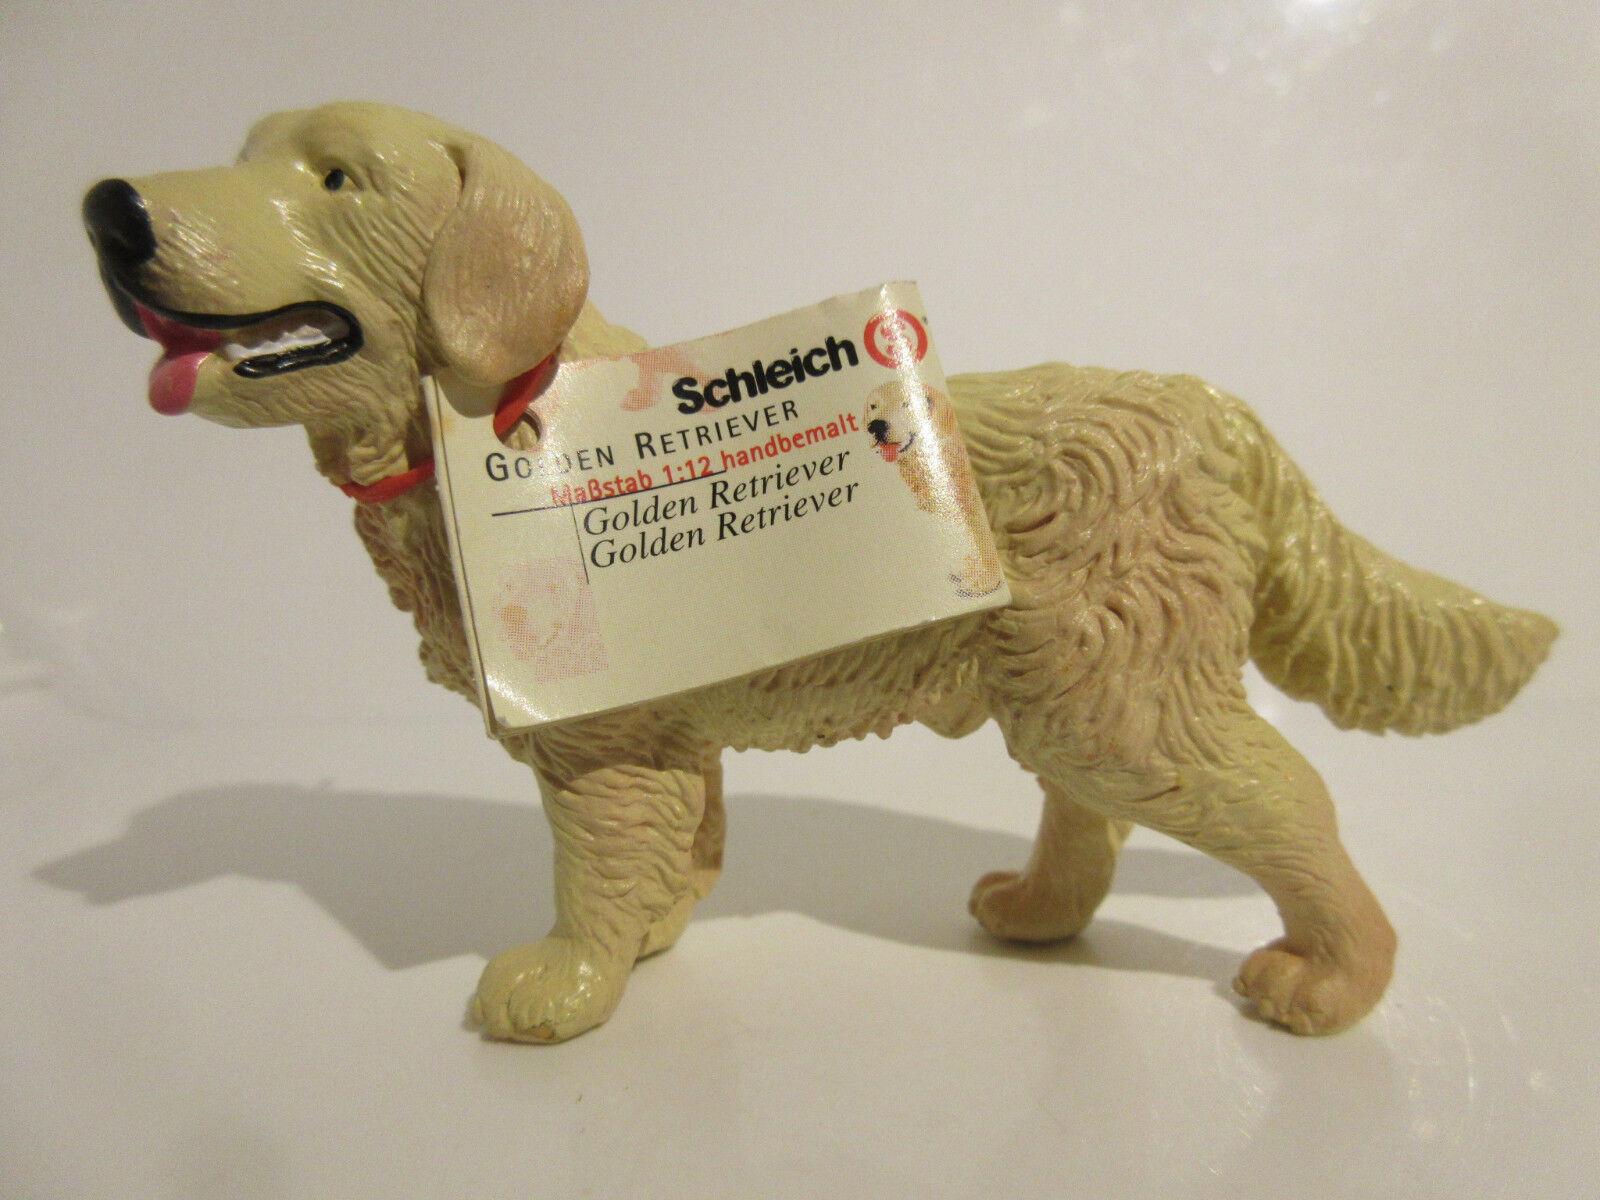 16313 schleich hund  Golden retriever ref  21p130